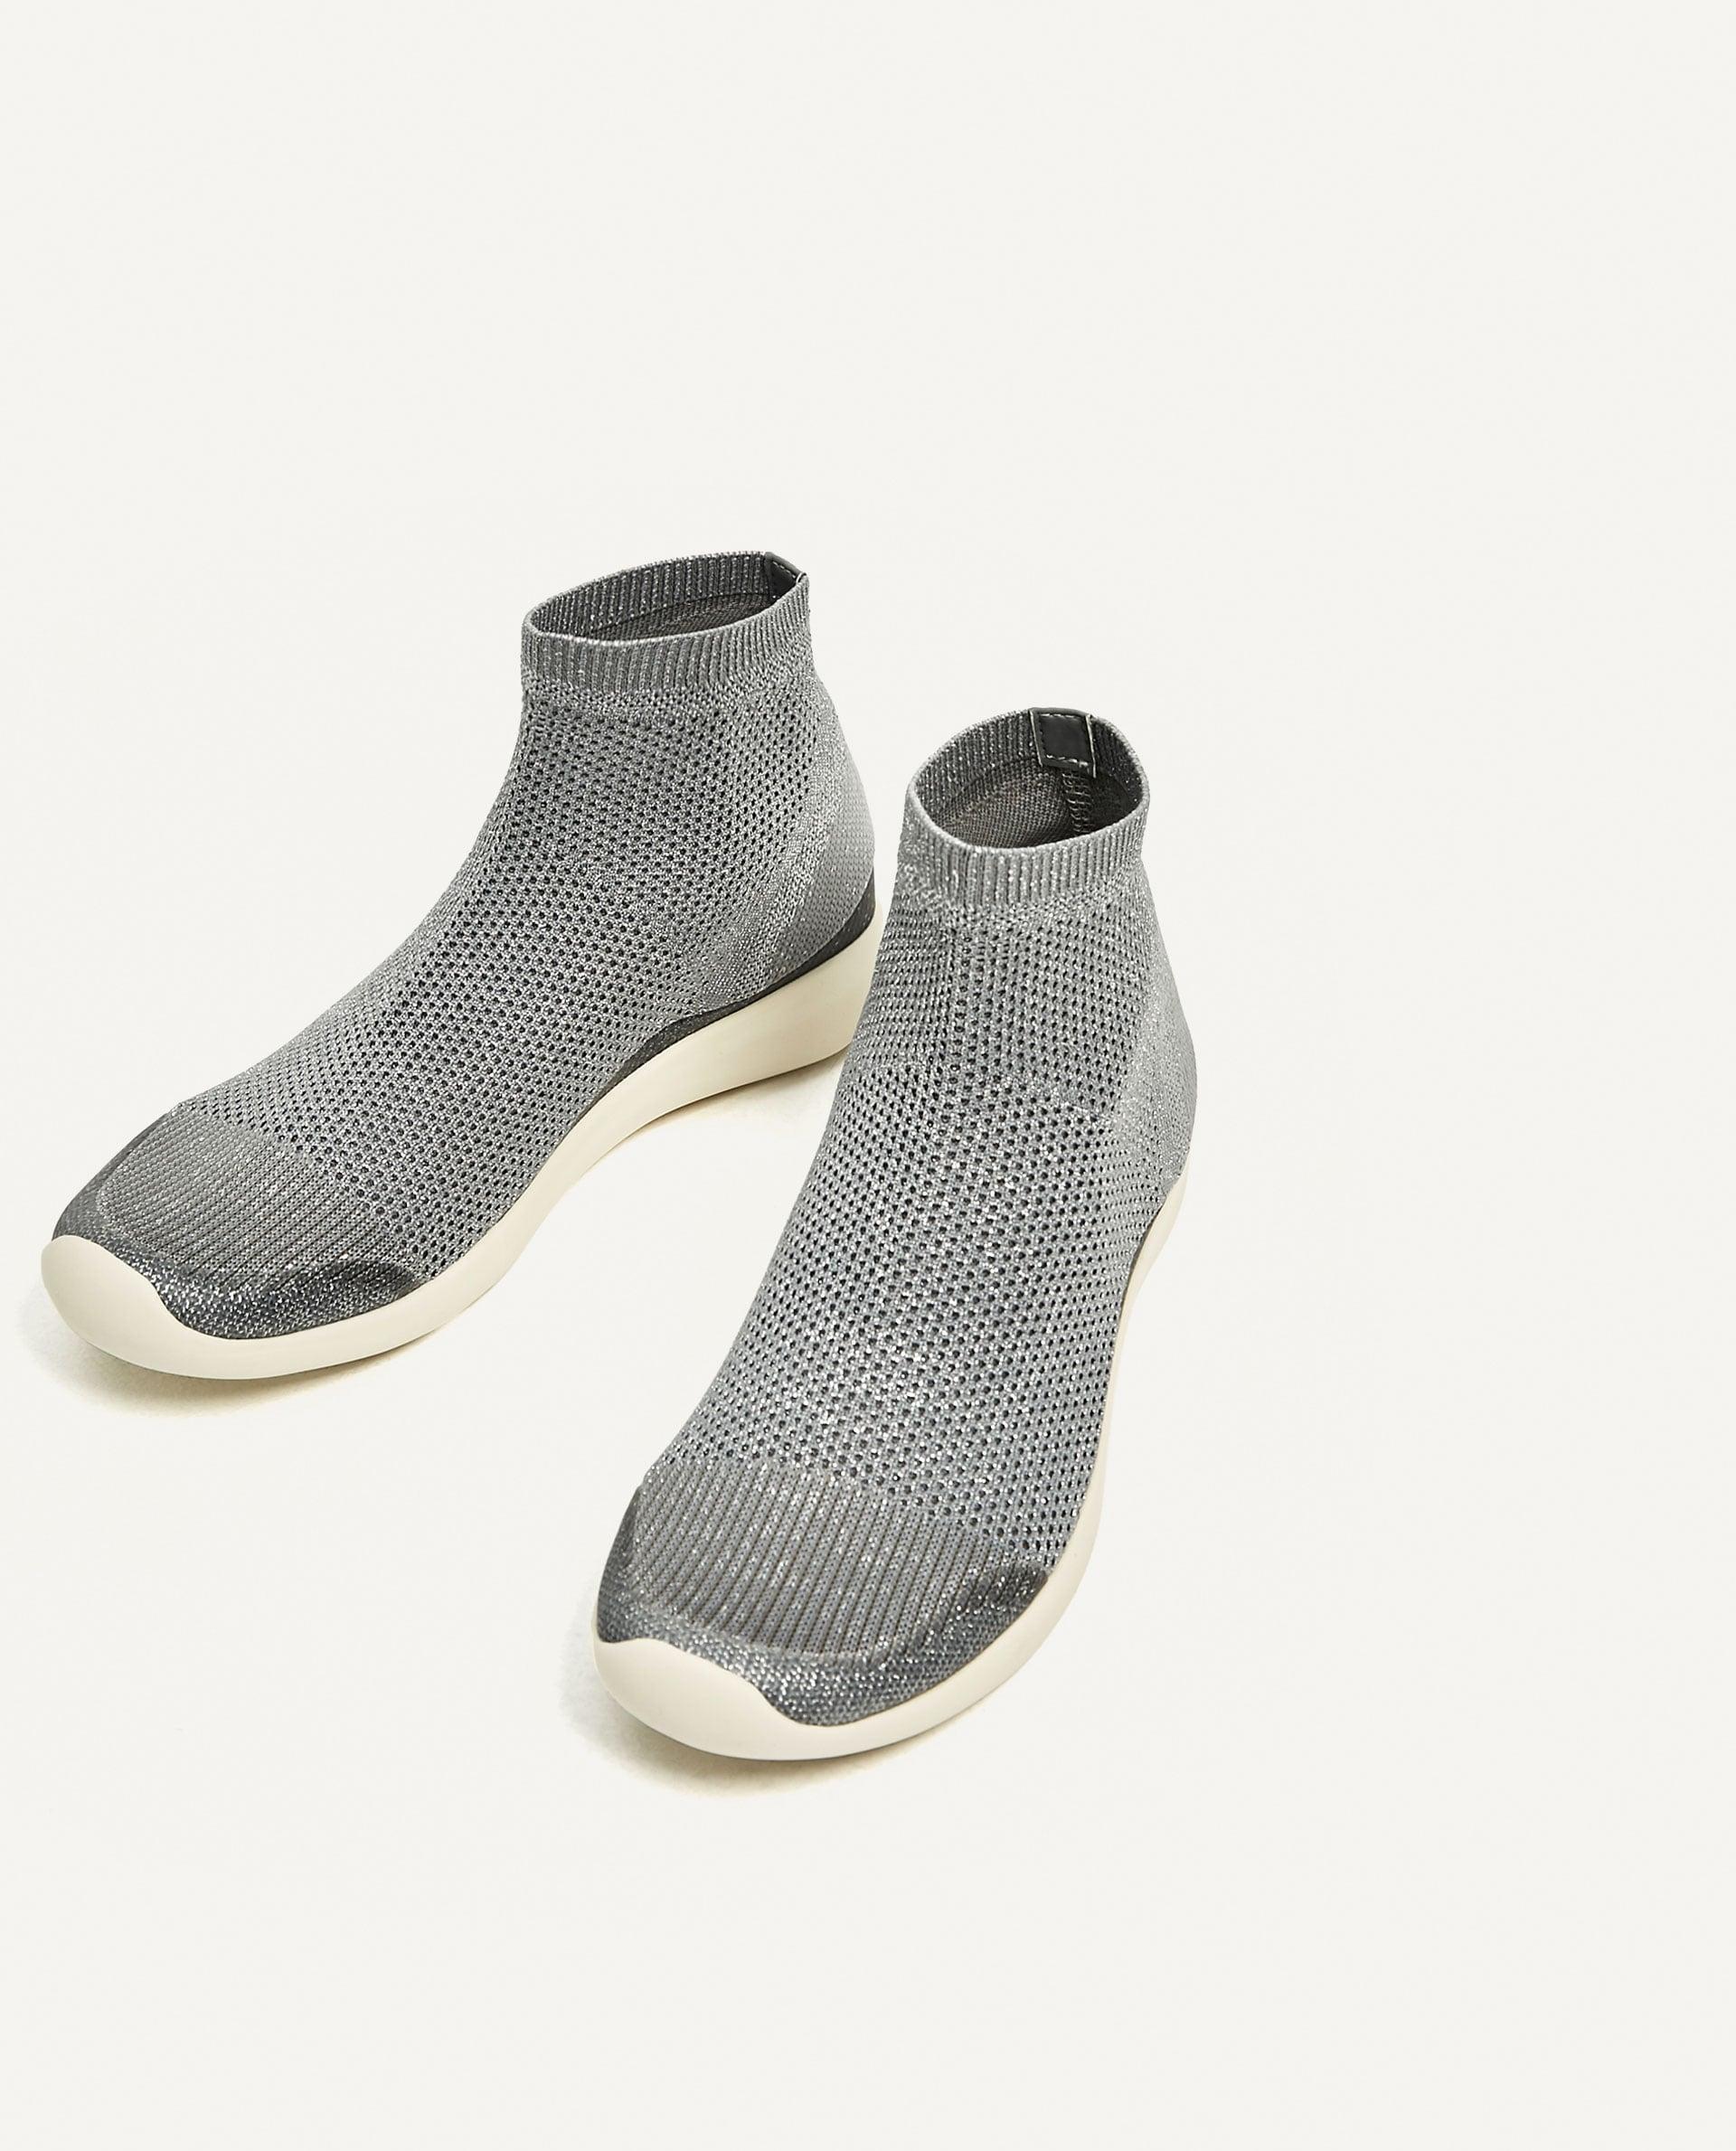 Slip into Zara's Shiny Sock Sneakers